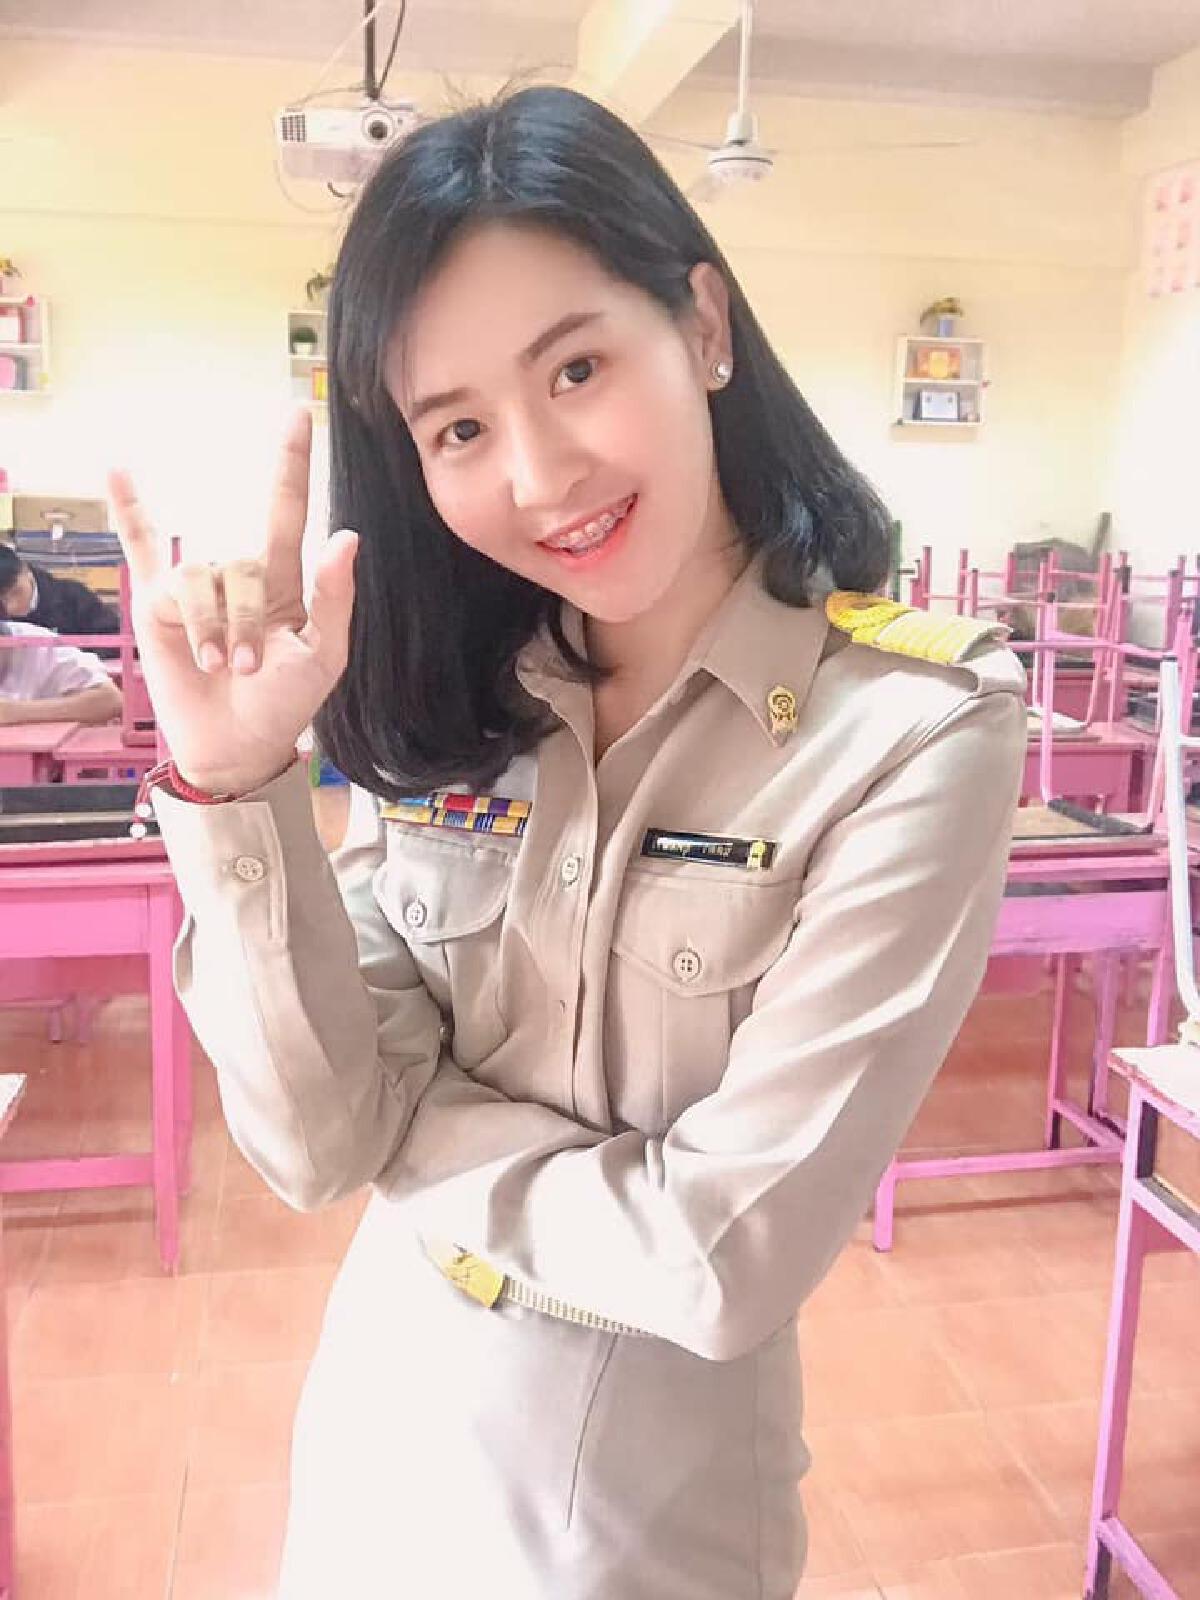 ครูสาวโพสต์ 8 ปี กับการเป็นครูภาษาไทย สู่ผอ.โรงเรียน อายุน้อยที่สุด